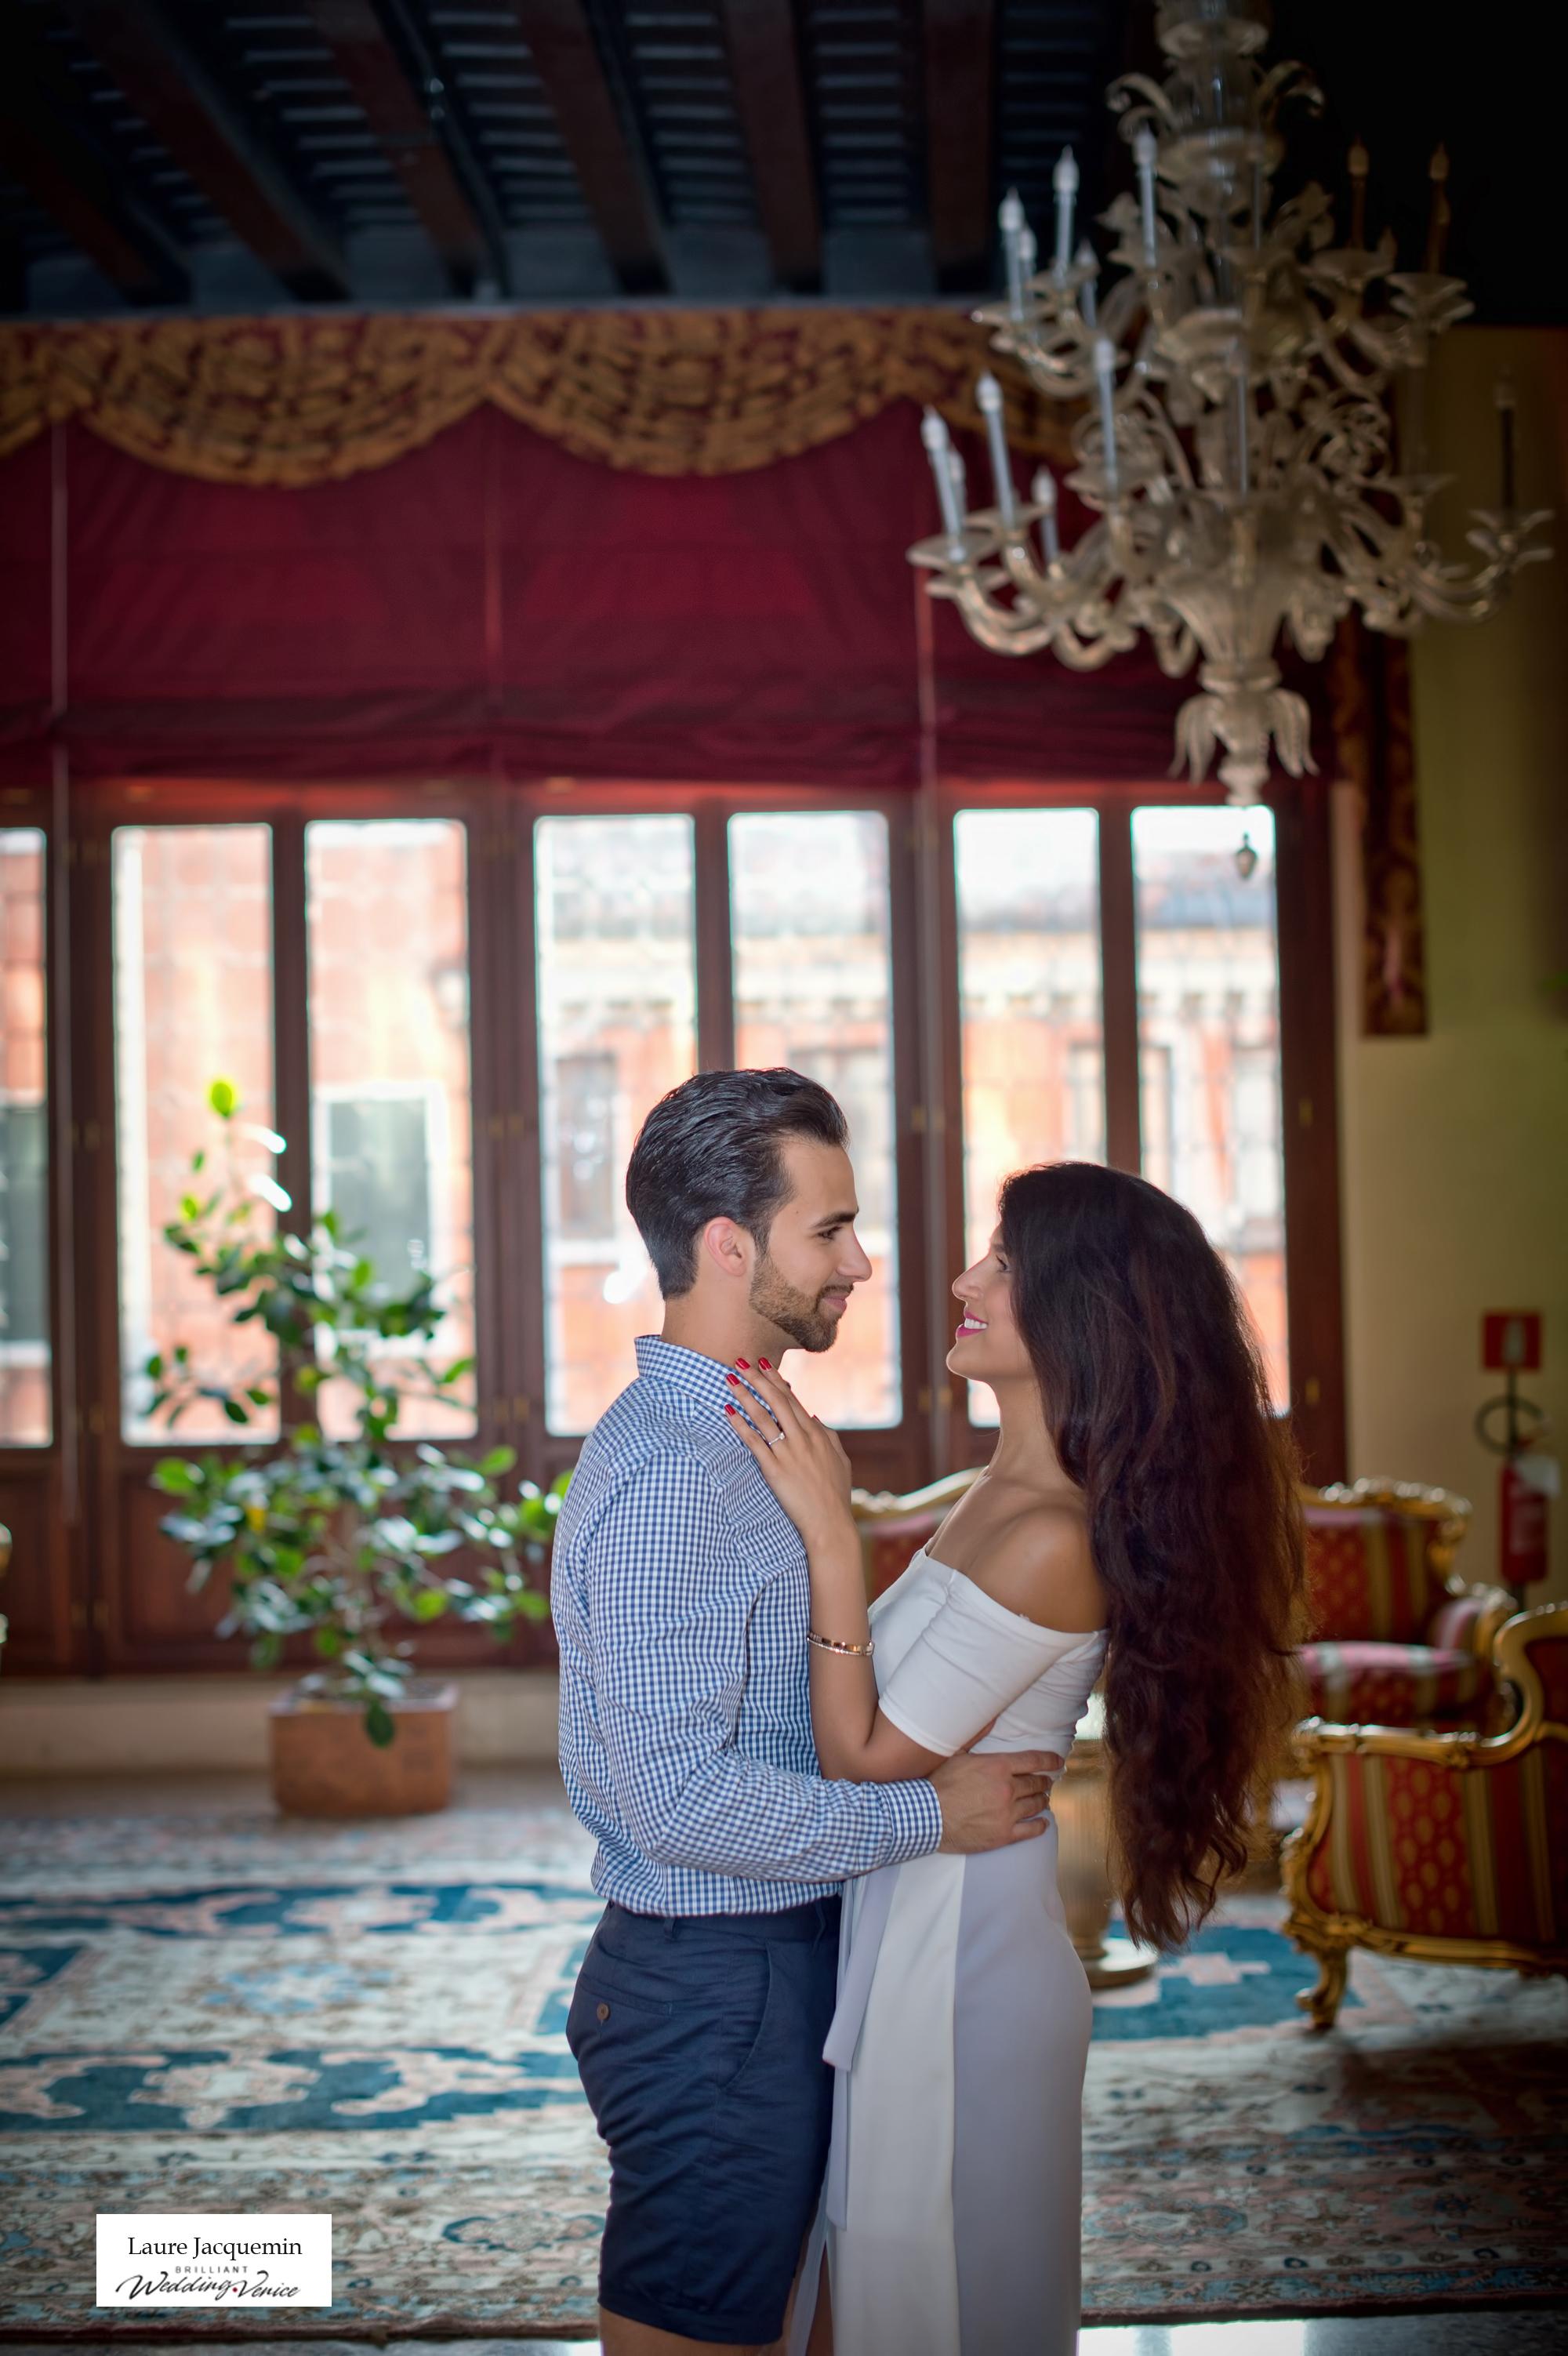 venise gondole banner fiancaille photographe demande mariage laure jacquemin (47)